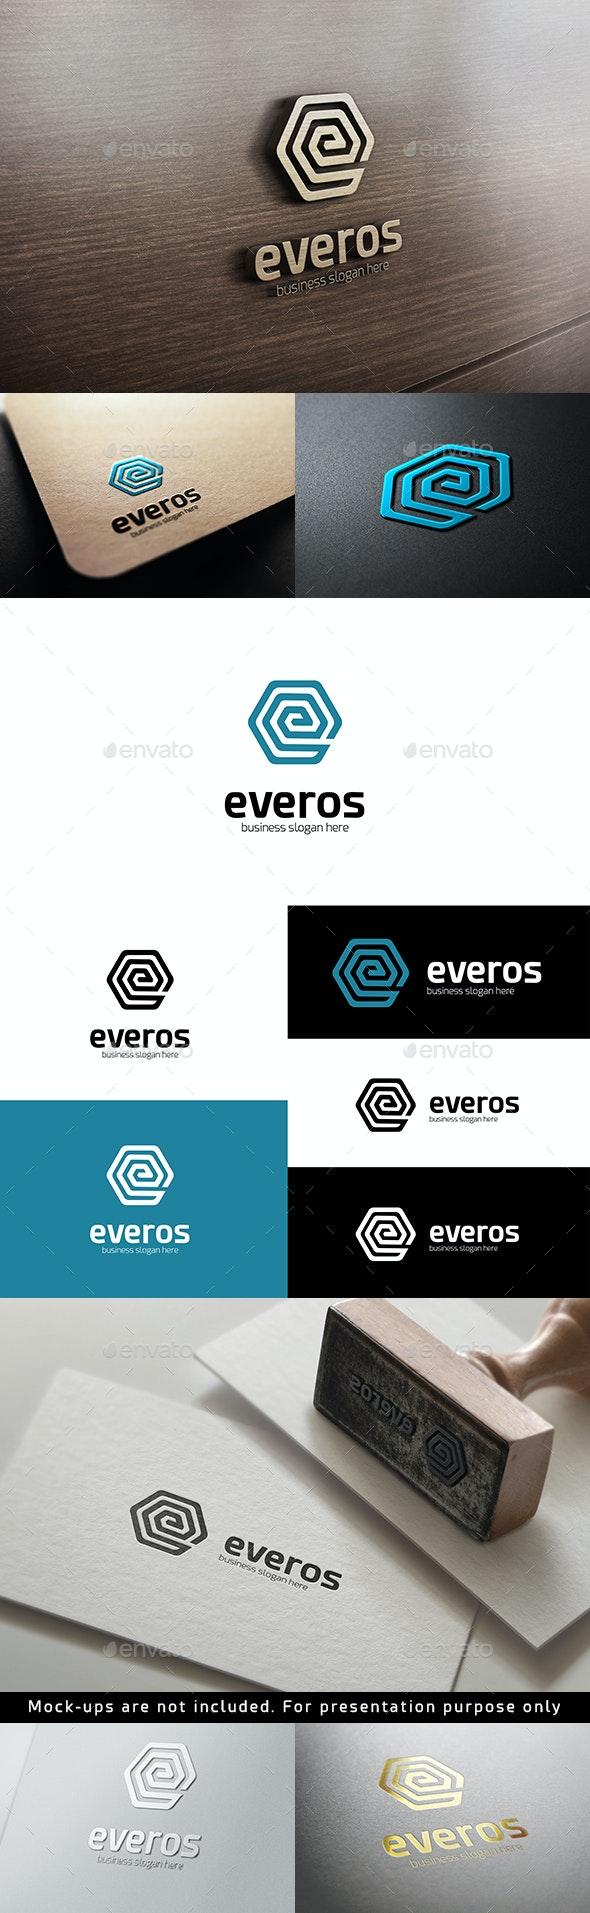 Everos - Hexagonal Abstract E Letter Logo - Symbols Logo Templates